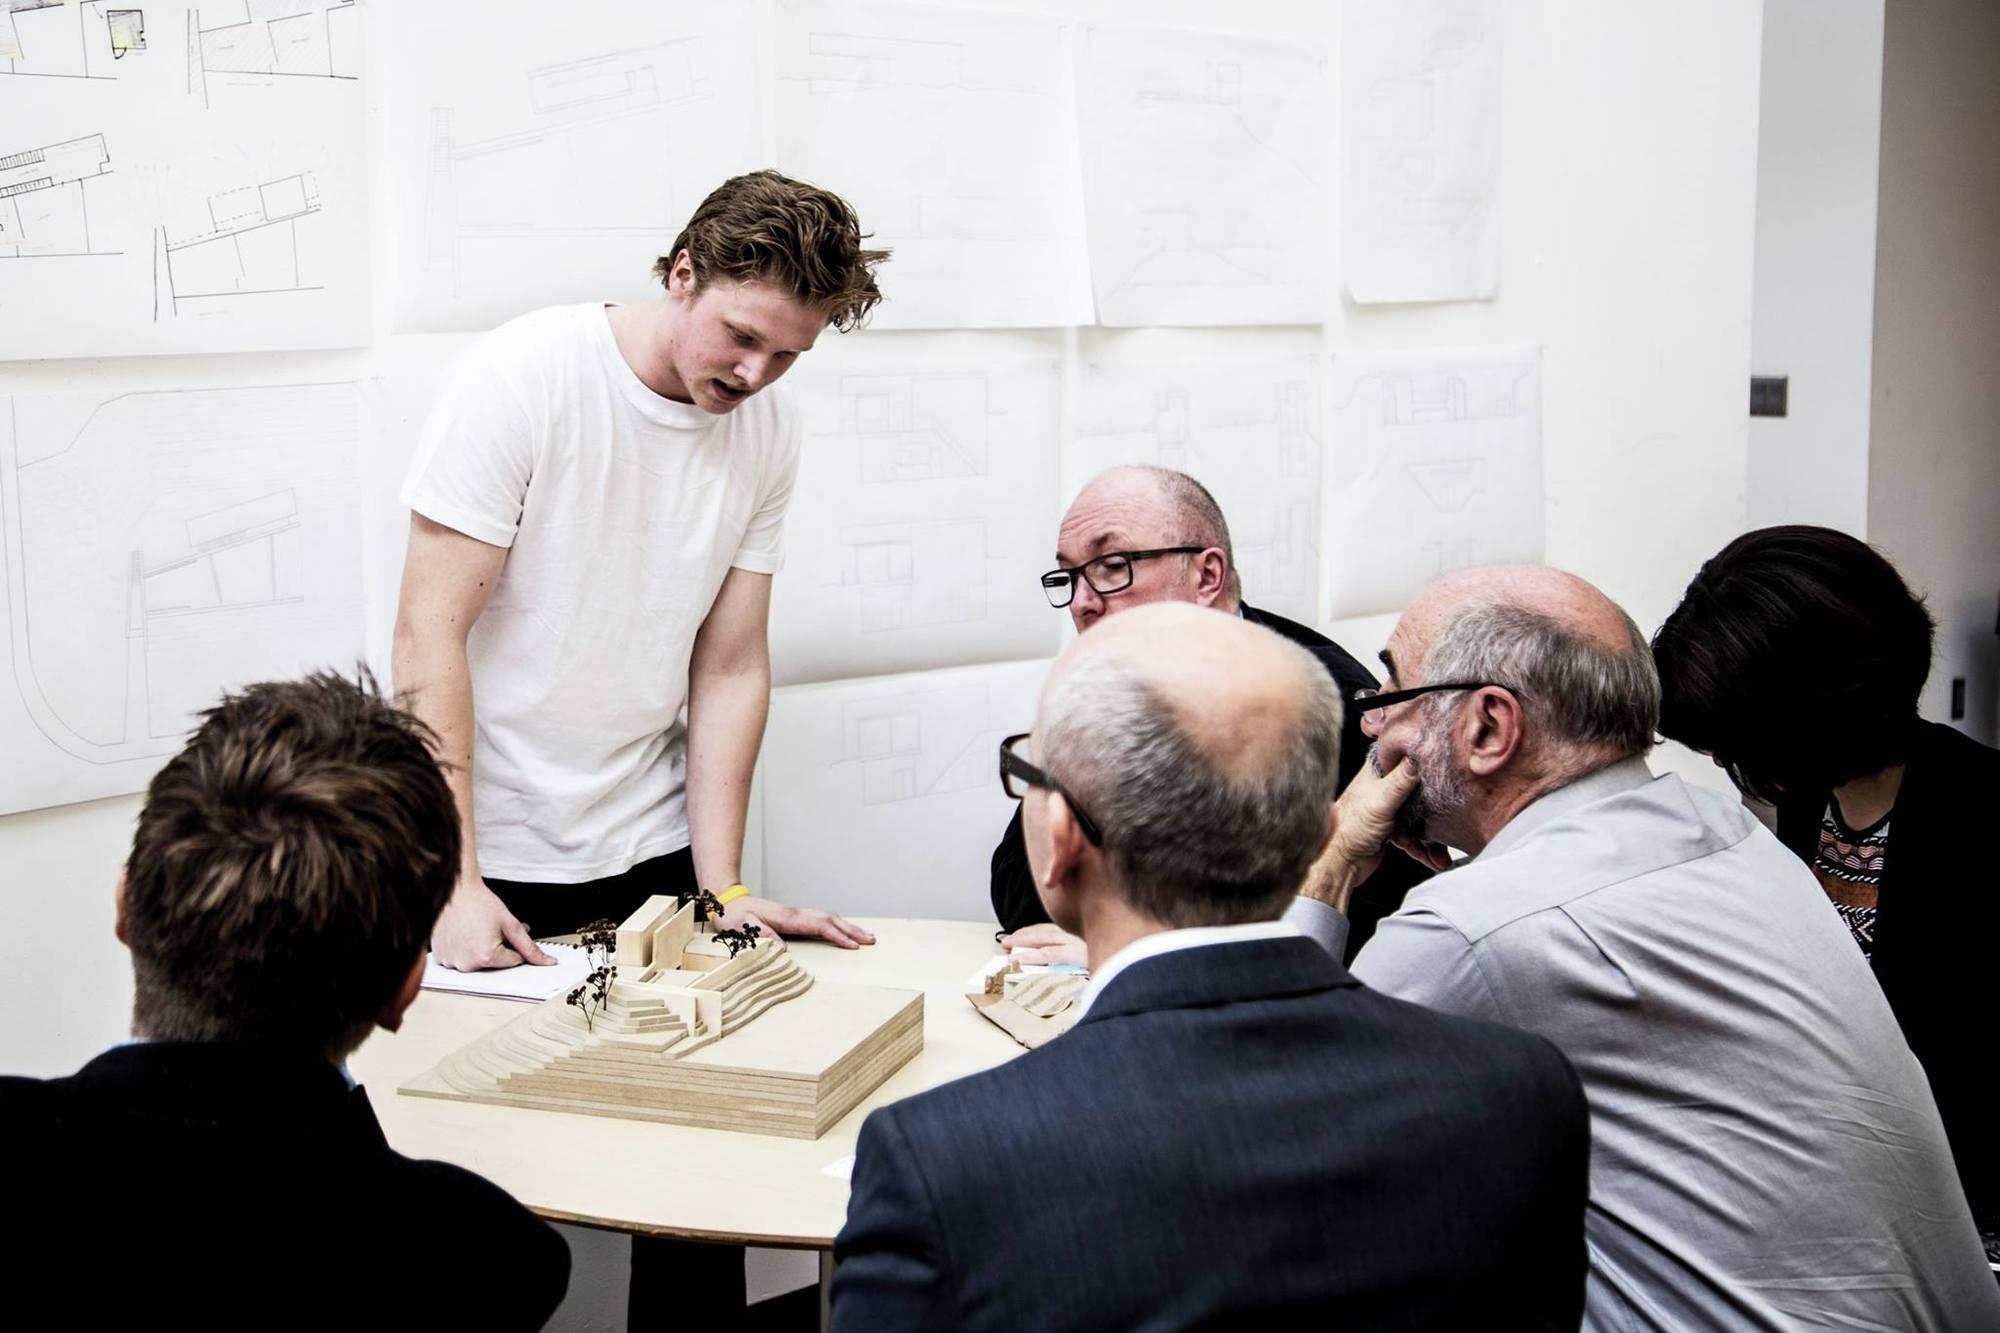 Cómo mejorar la educación arquitectónica: aprender (y desaprender) del método Bellas Artes